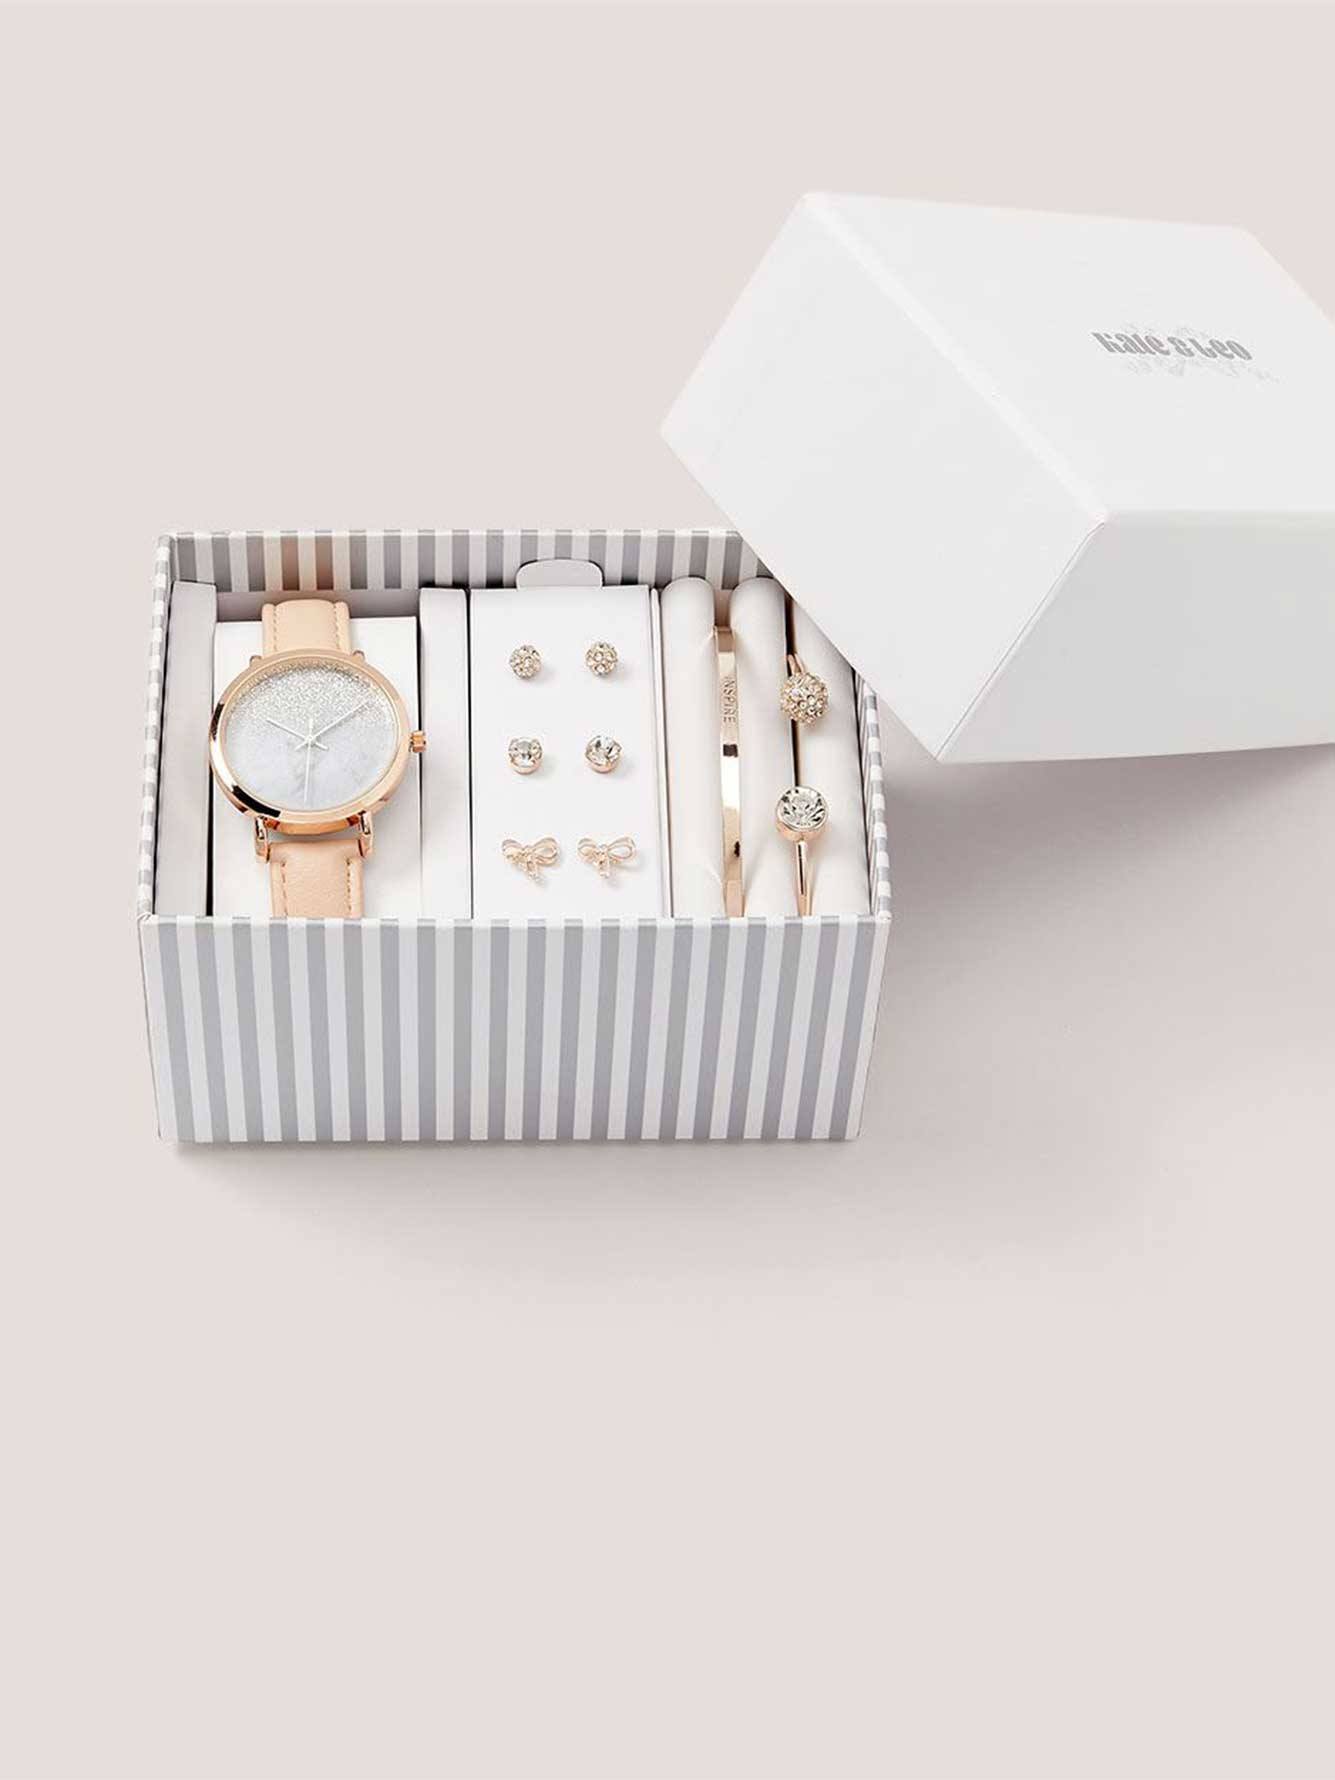 bo te cadeau avec bracelets boucles d 39 oreilles et montre penningtons. Black Bedroom Furniture Sets. Home Design Ideas